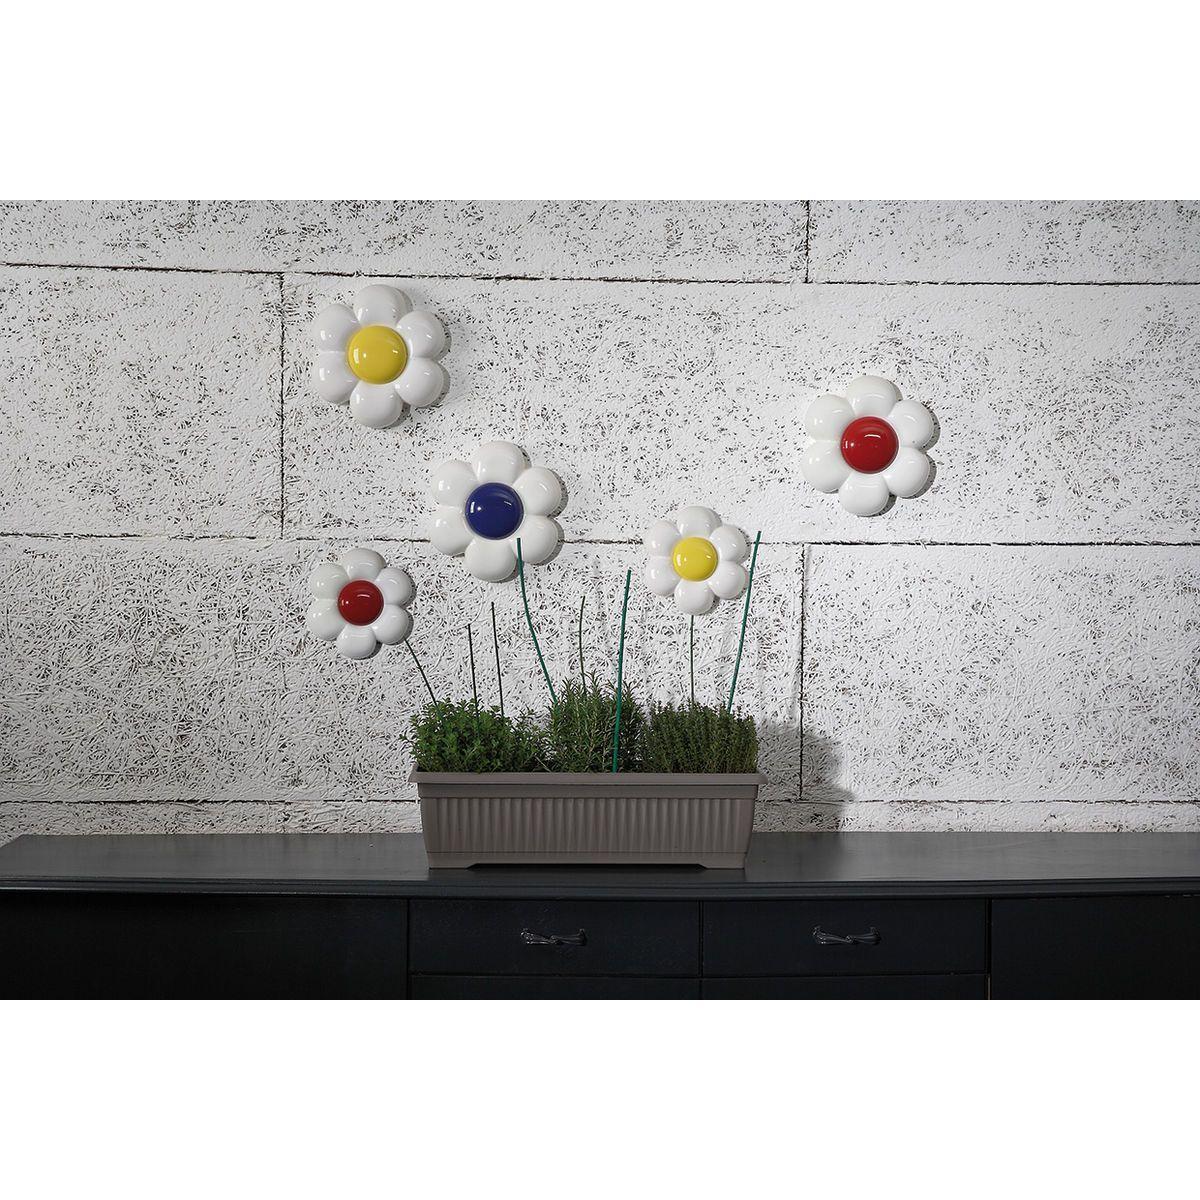 Composizione di decorazioni da parete in ceramica a forma di fiore bianco con grande capolino colorati